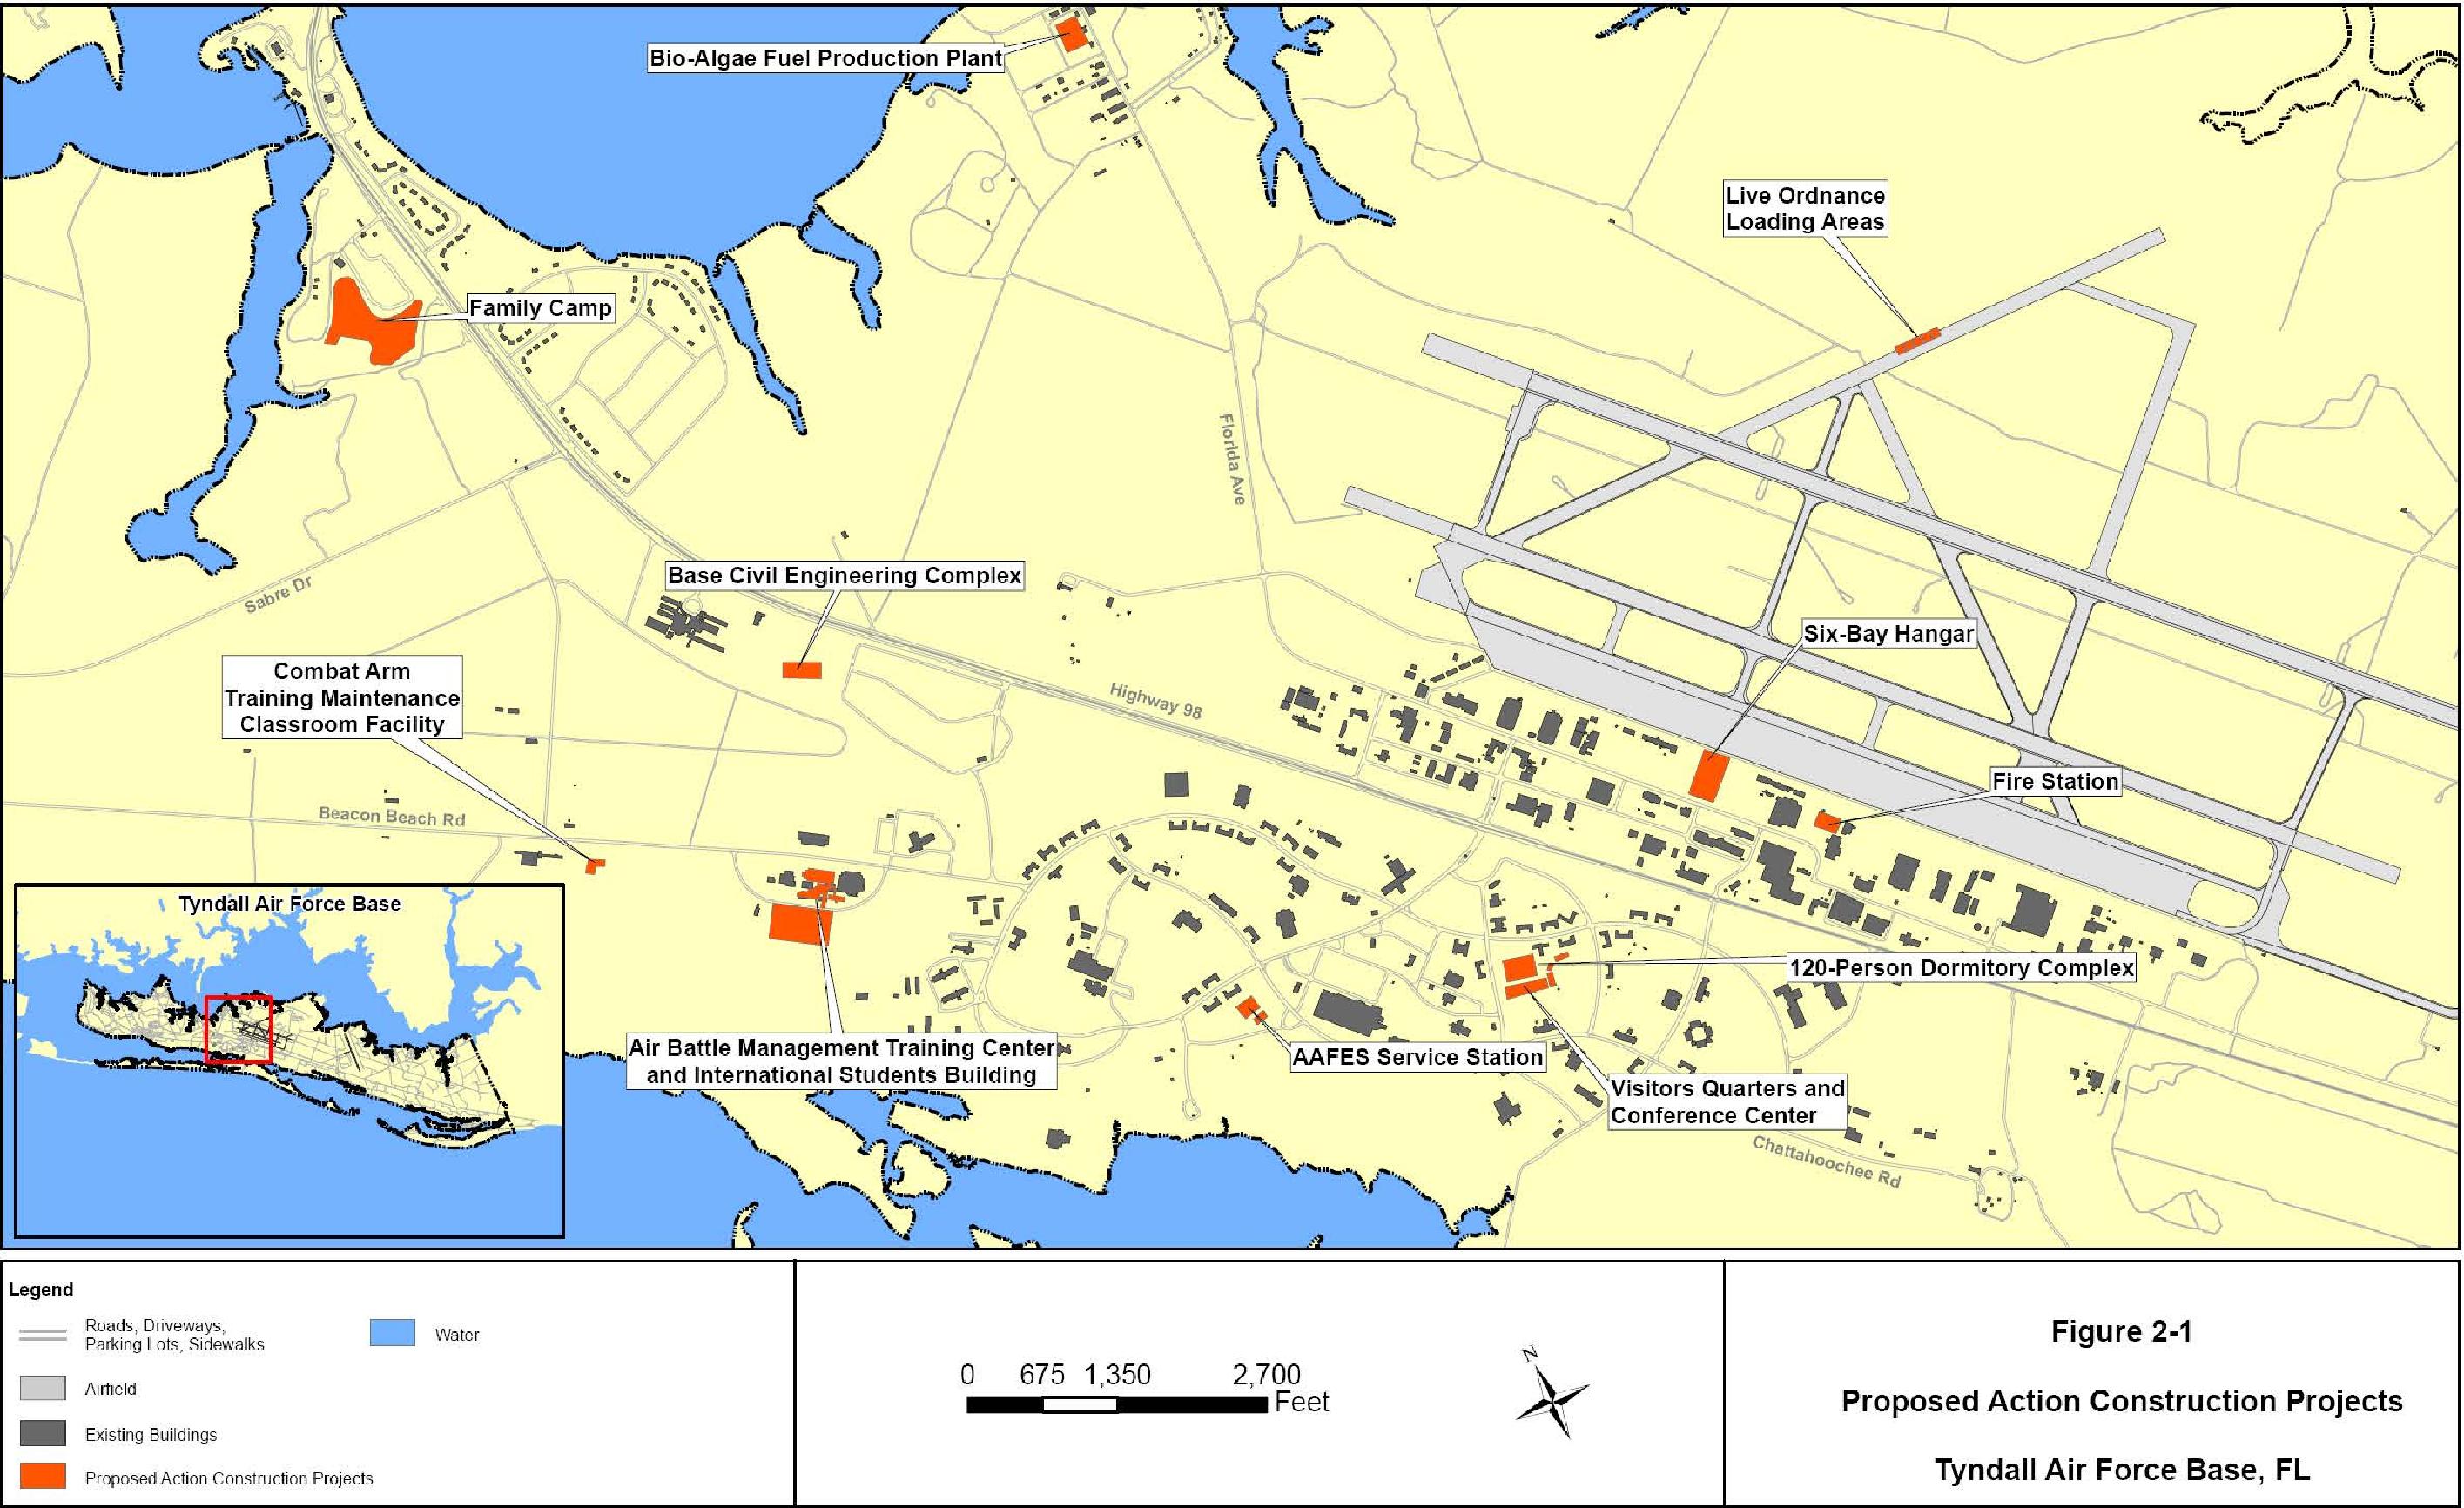 General Plan-Based Environmental Impact Analysis Process